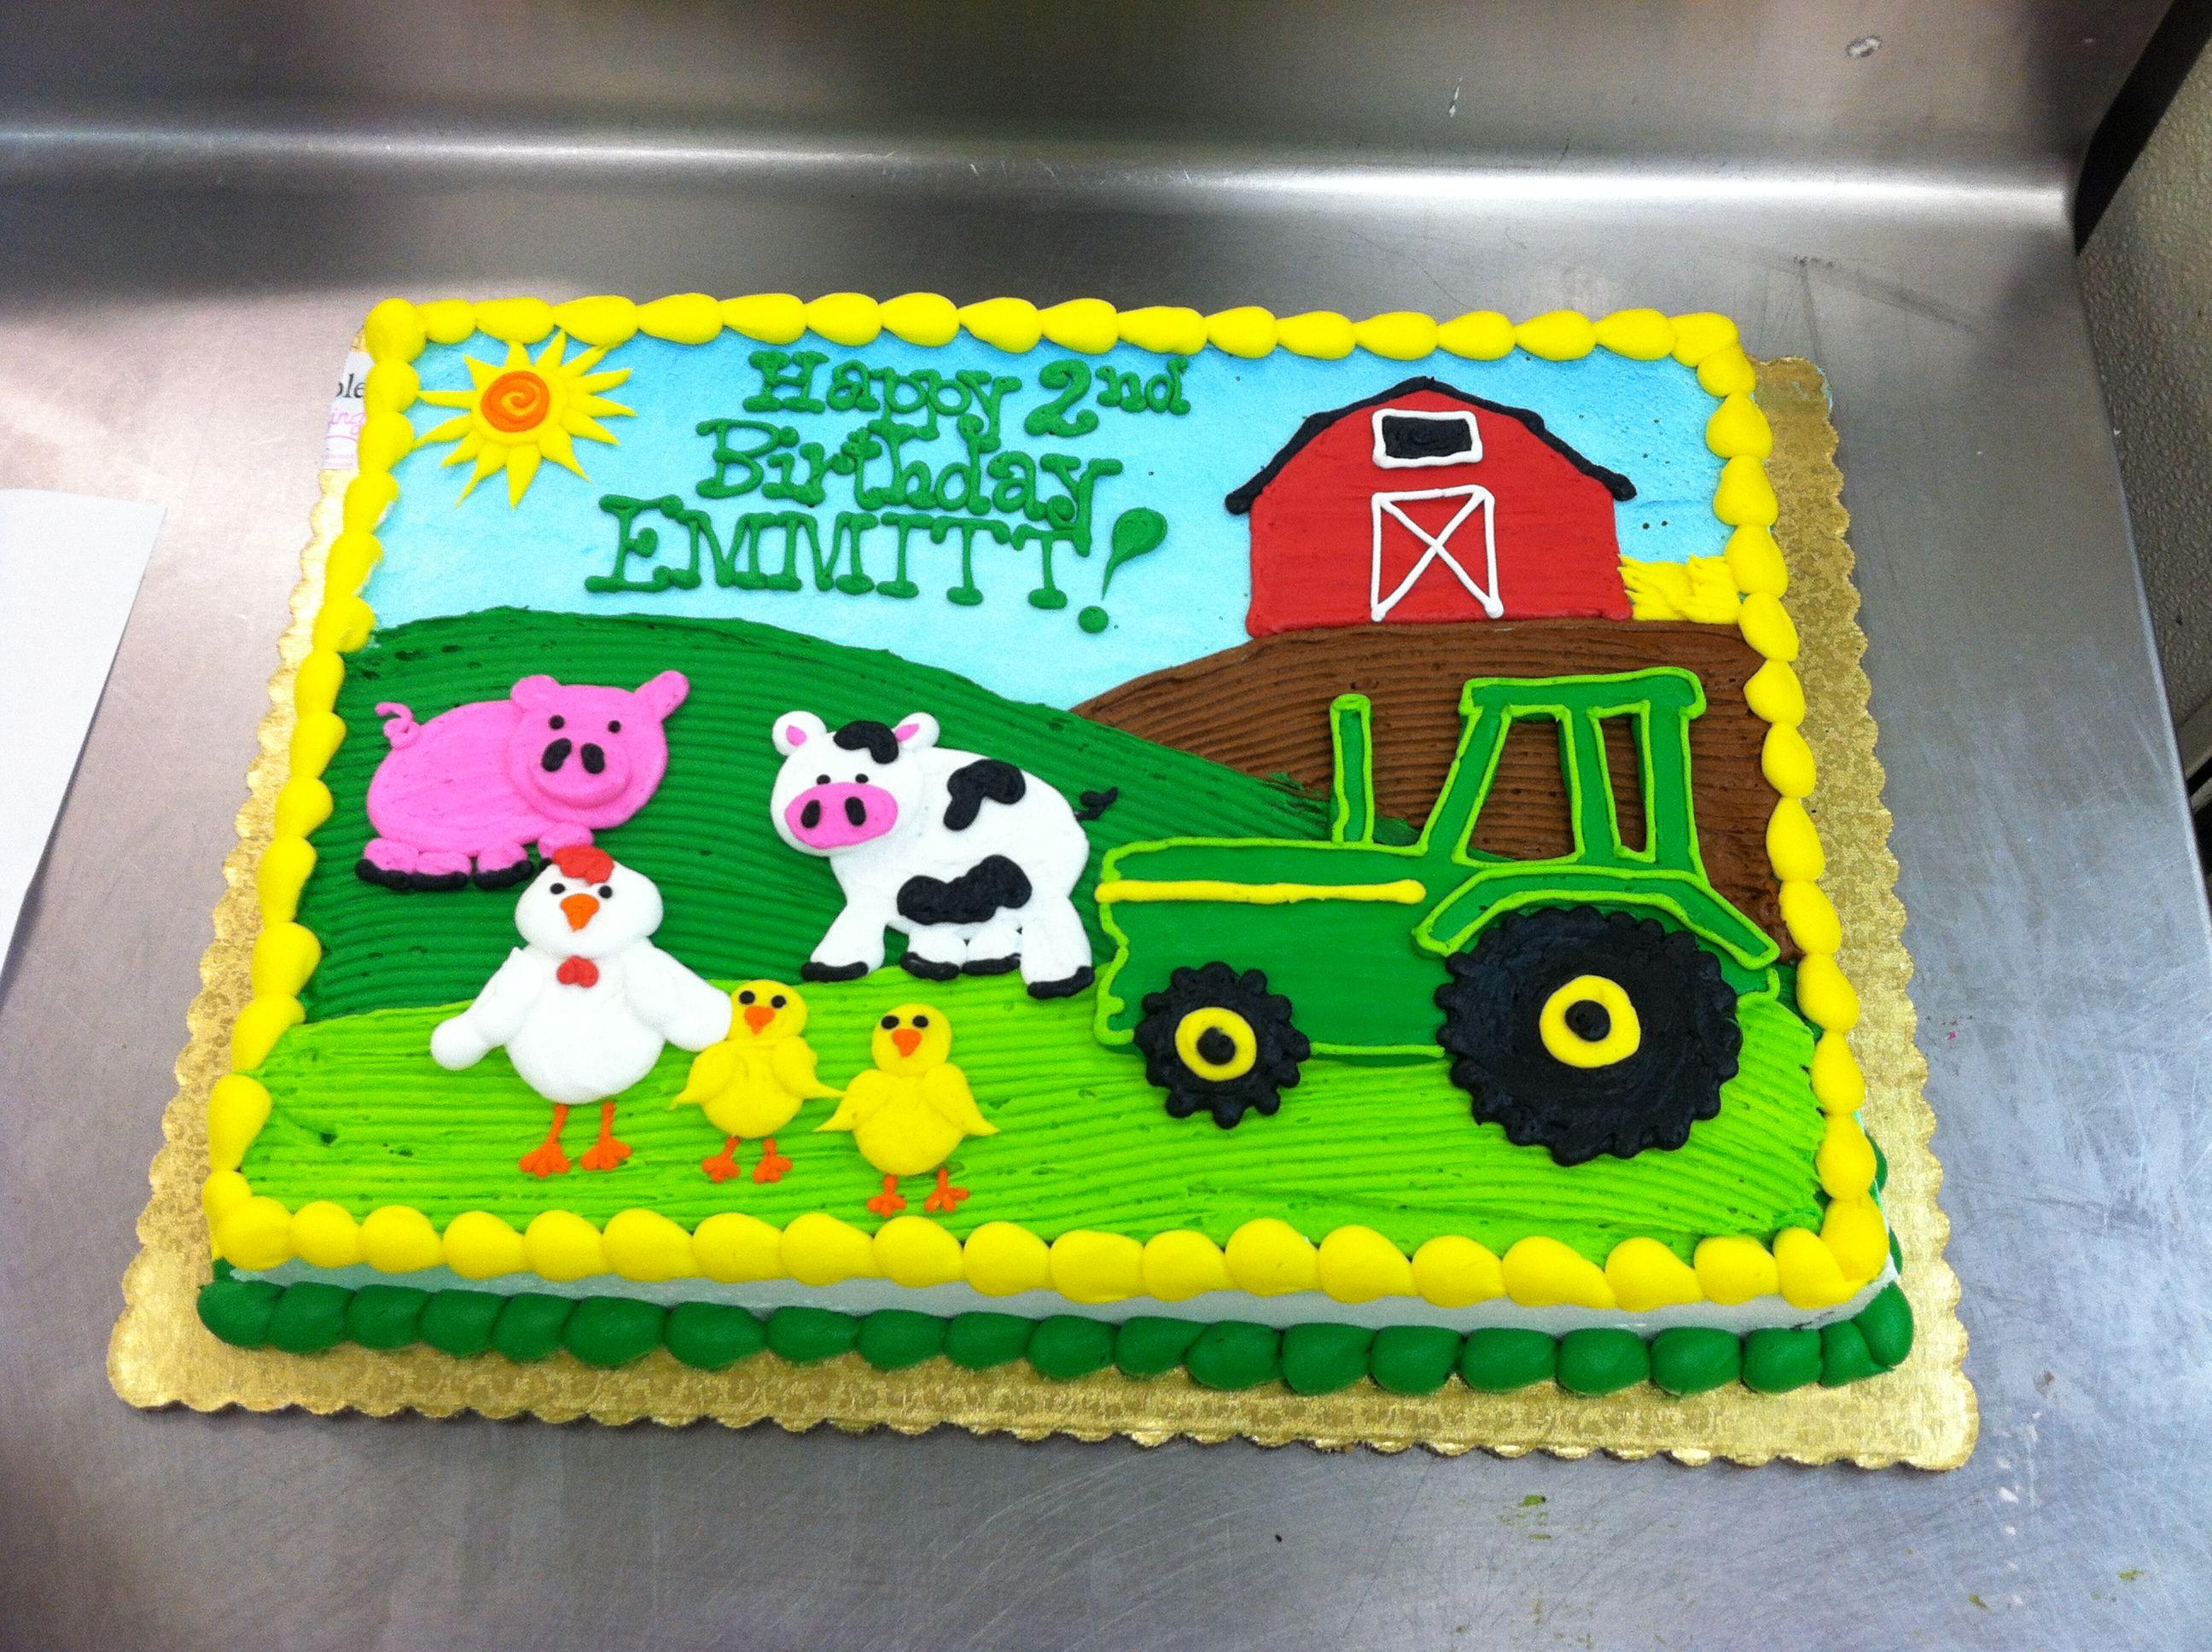 Old McDonald had a farm cake by Stephanie Dillon LS1 HyVee